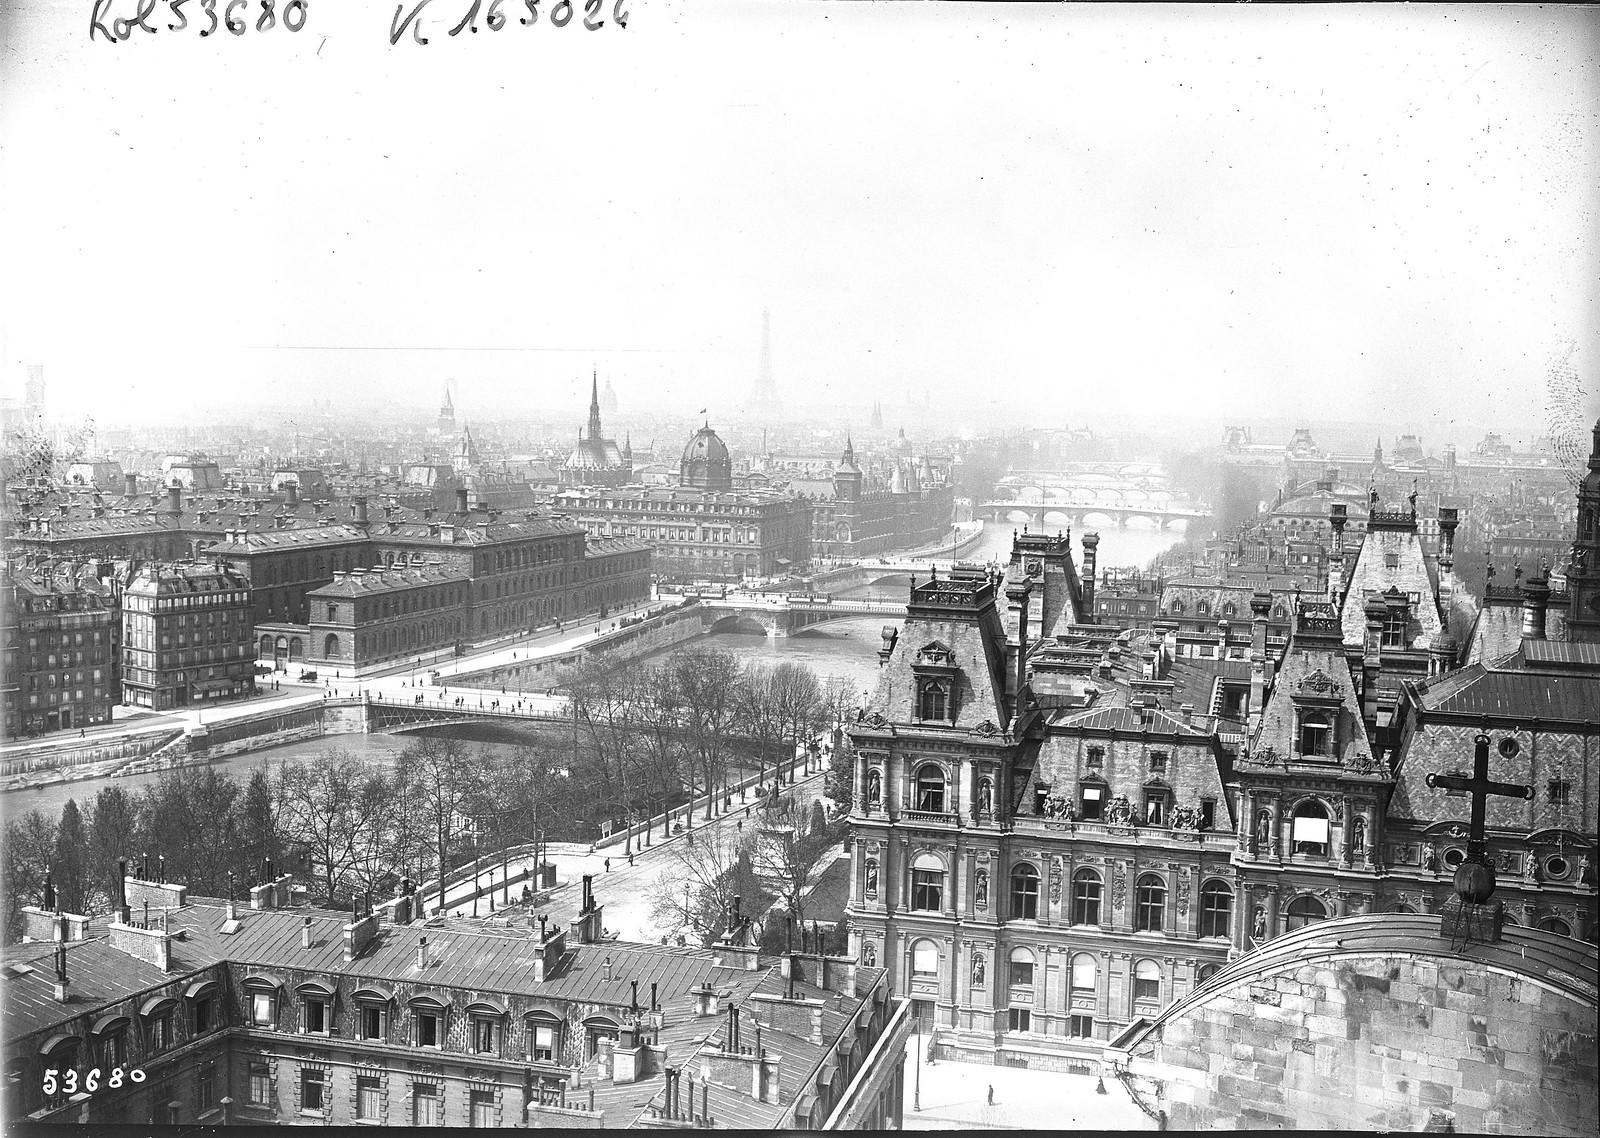 1919. Аэрофотоснимок Парижа в сторону Эйфелевой башни